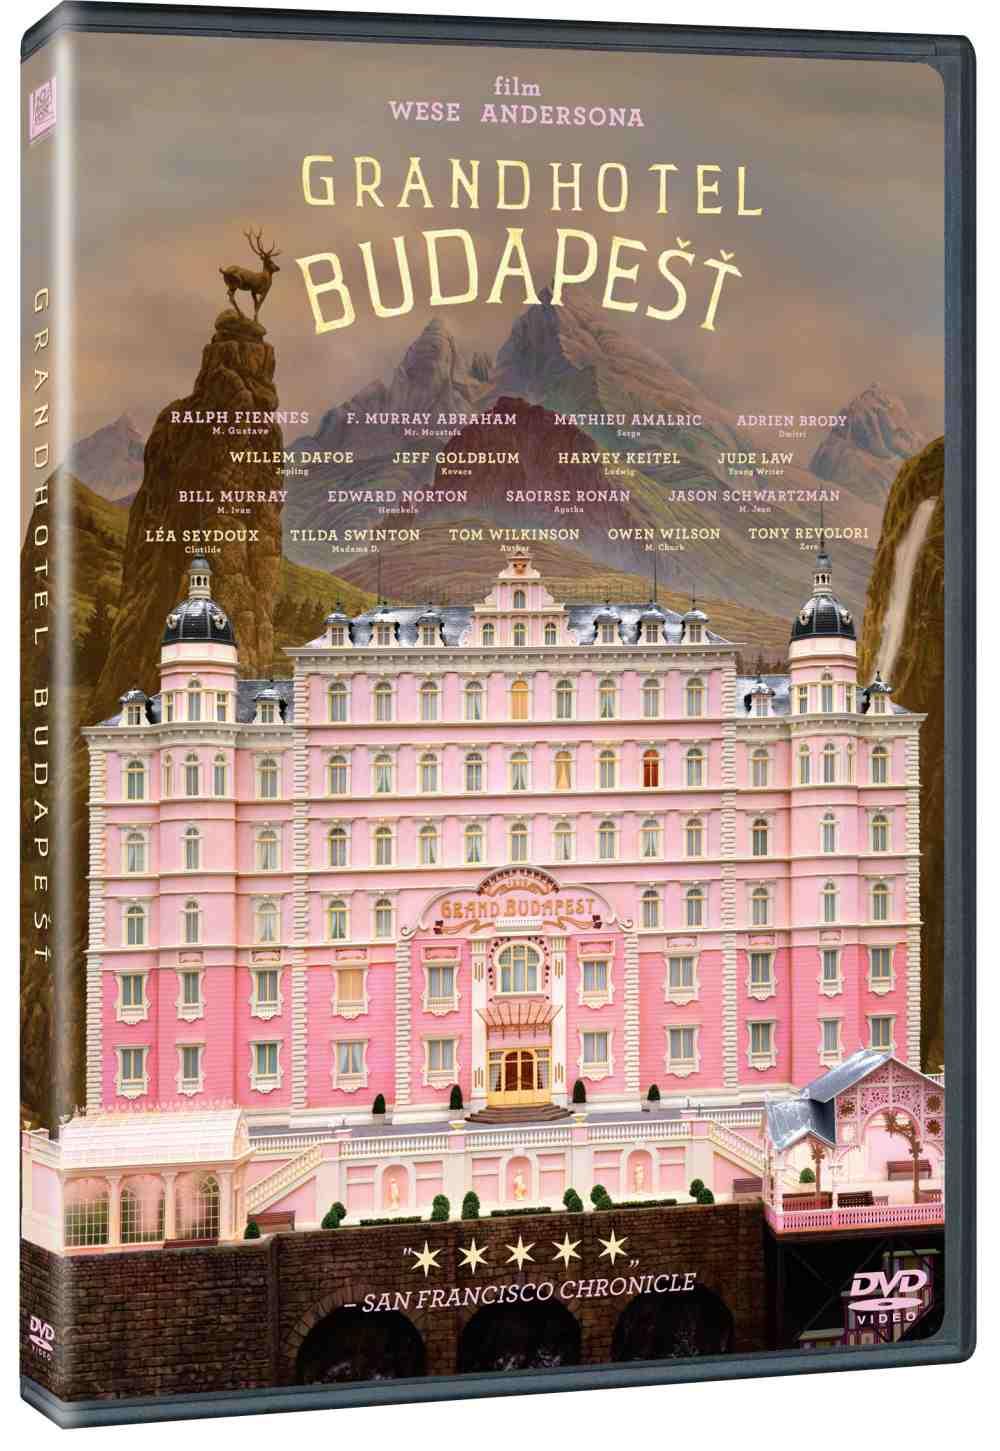 GRANDHOTEL BUDAPEŠŤ - DVD